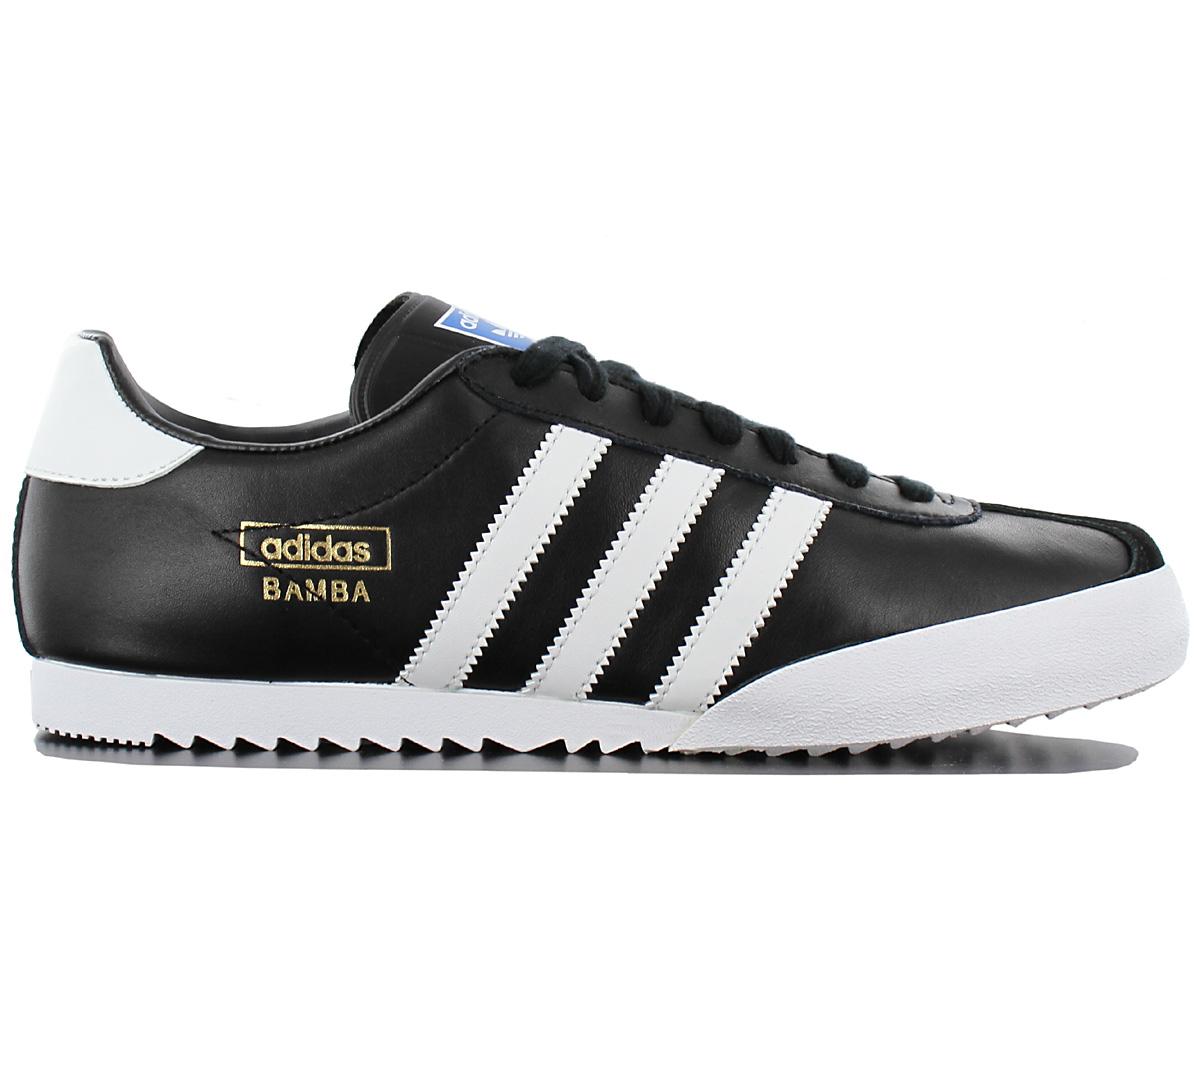 wholesale dealer f4c1f d11a3 ADIDAS-Originals-BAMBA-LEATHER-Maenner-Leder-Sneaker-Herren-